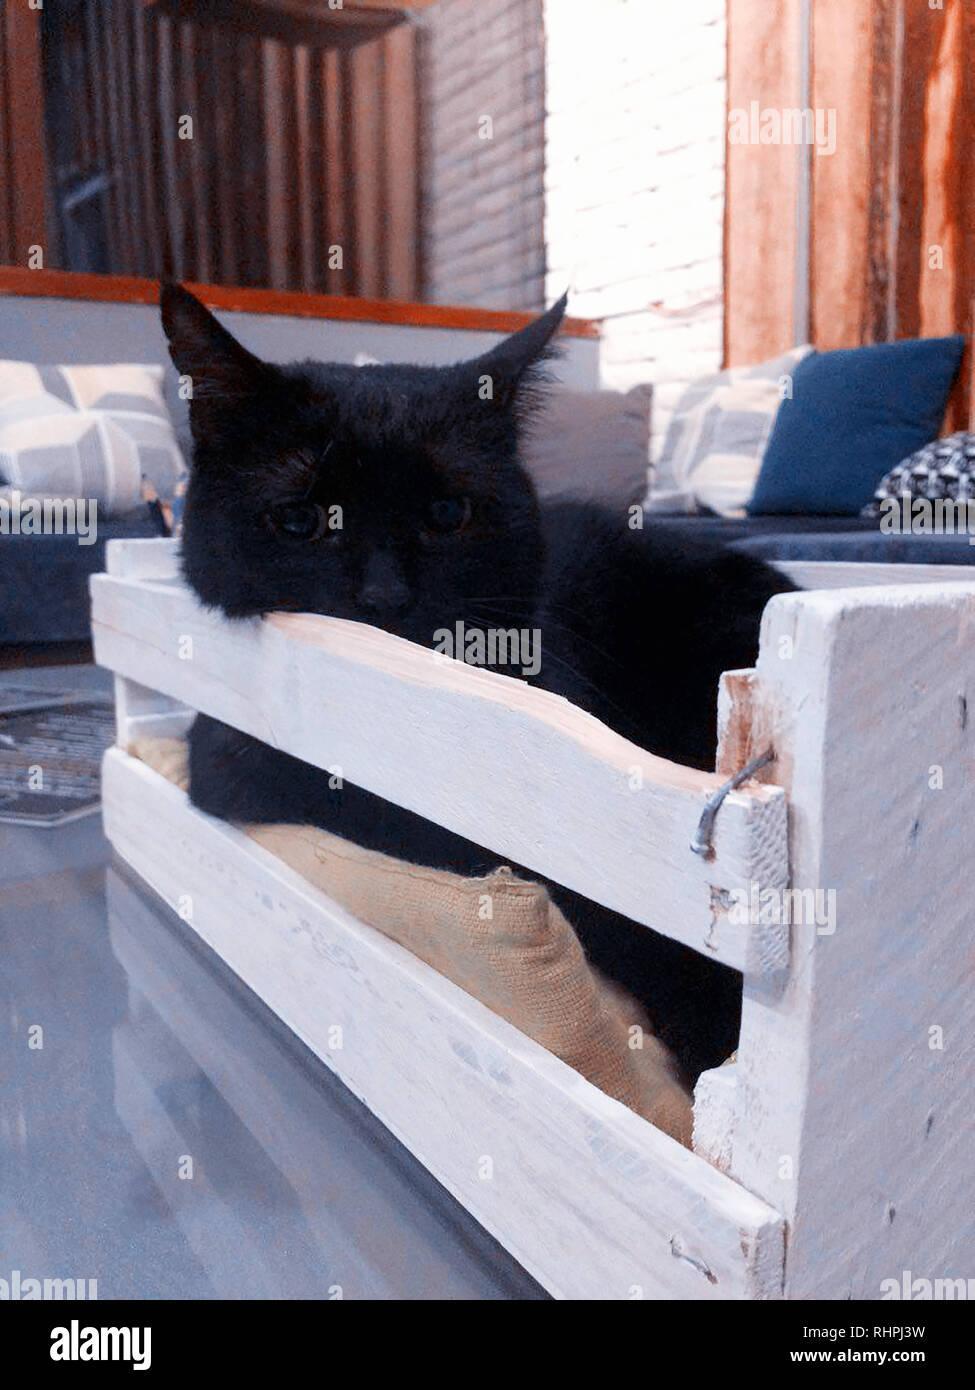 black cat in box - Stock Image